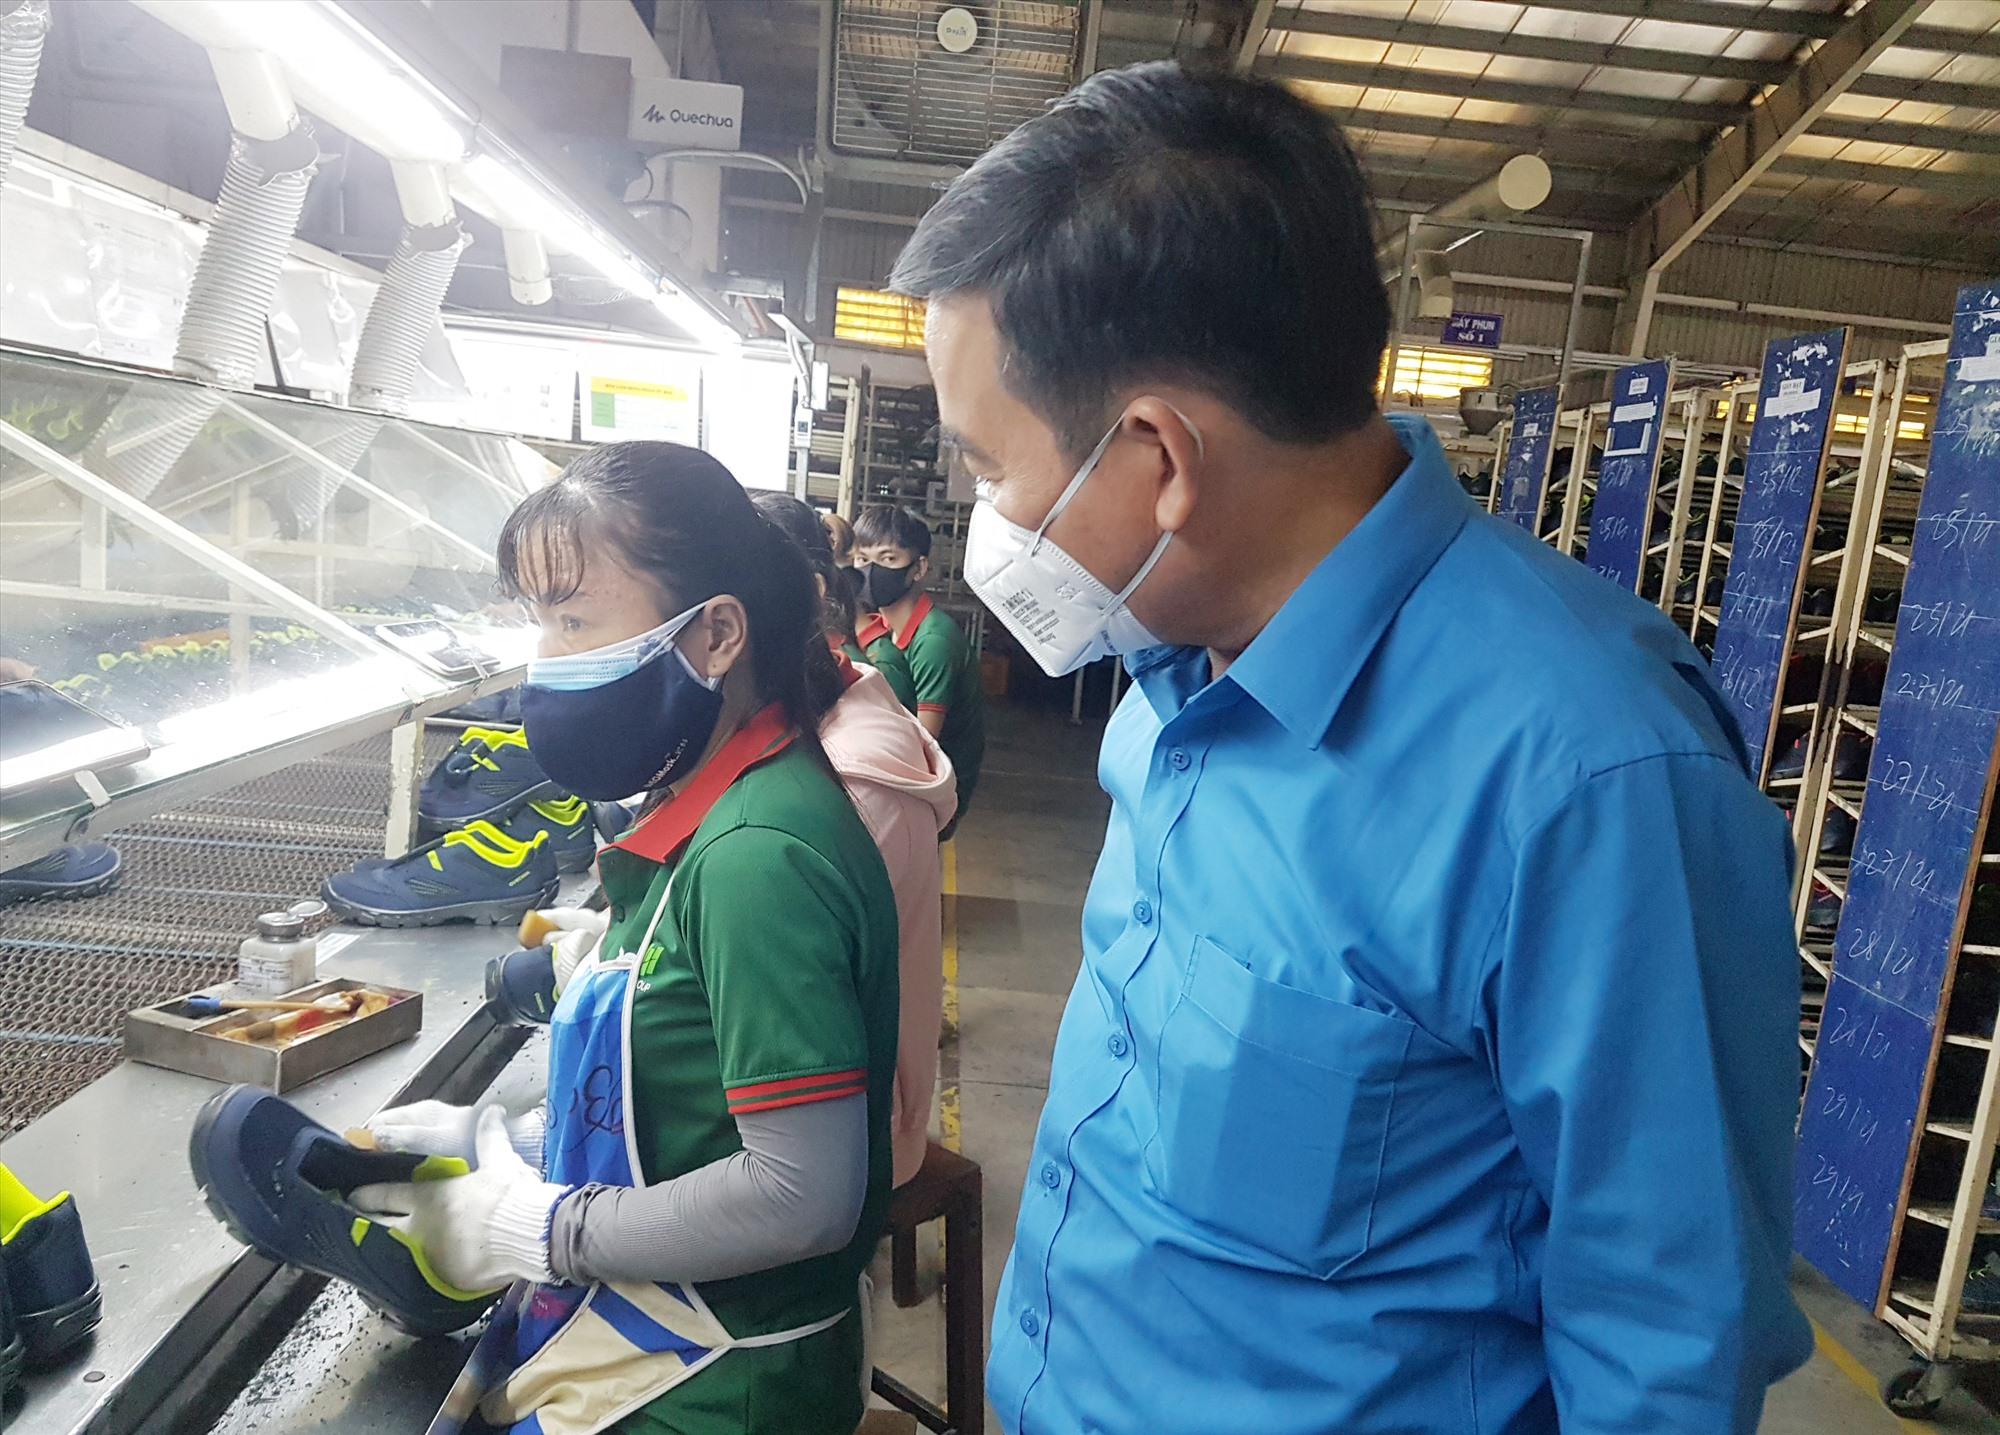 Chủ tịch Liên đoàn Lao động tỉnh Phan Xuân Quang thăm hỏi, động viên người lao động làm việc tại các nhà máy trong đại dịch Covid-19. Ảnh: D.L